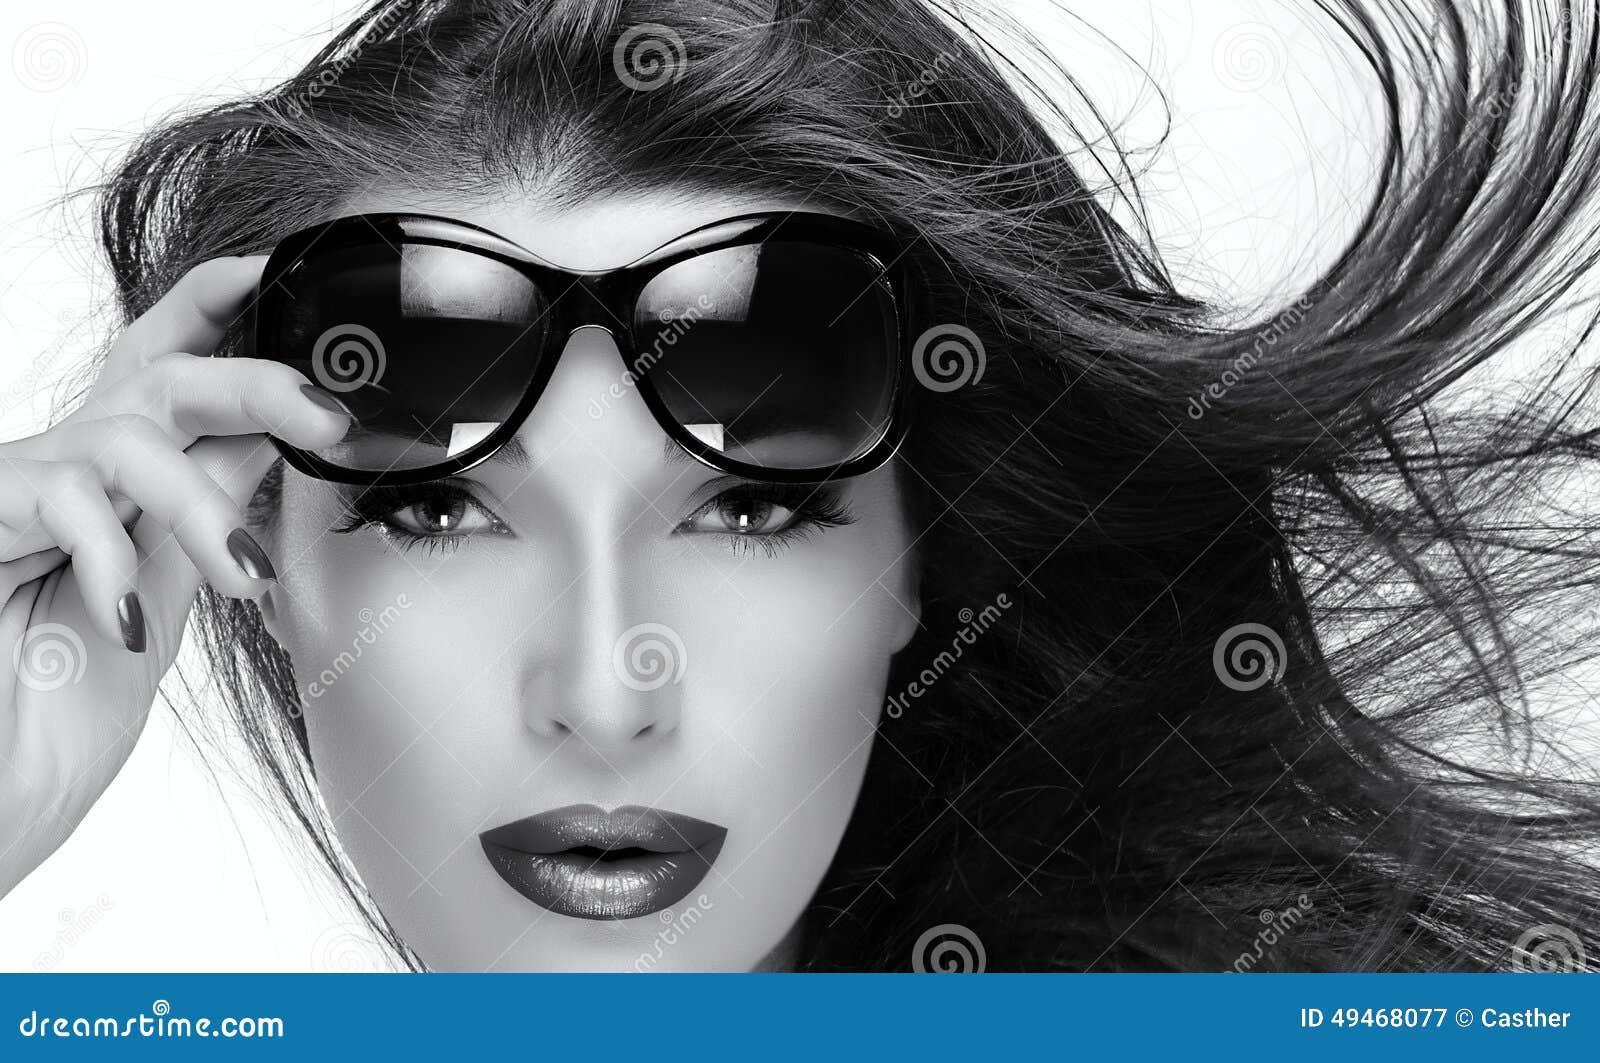 Фотомодели в очках 7 фотография